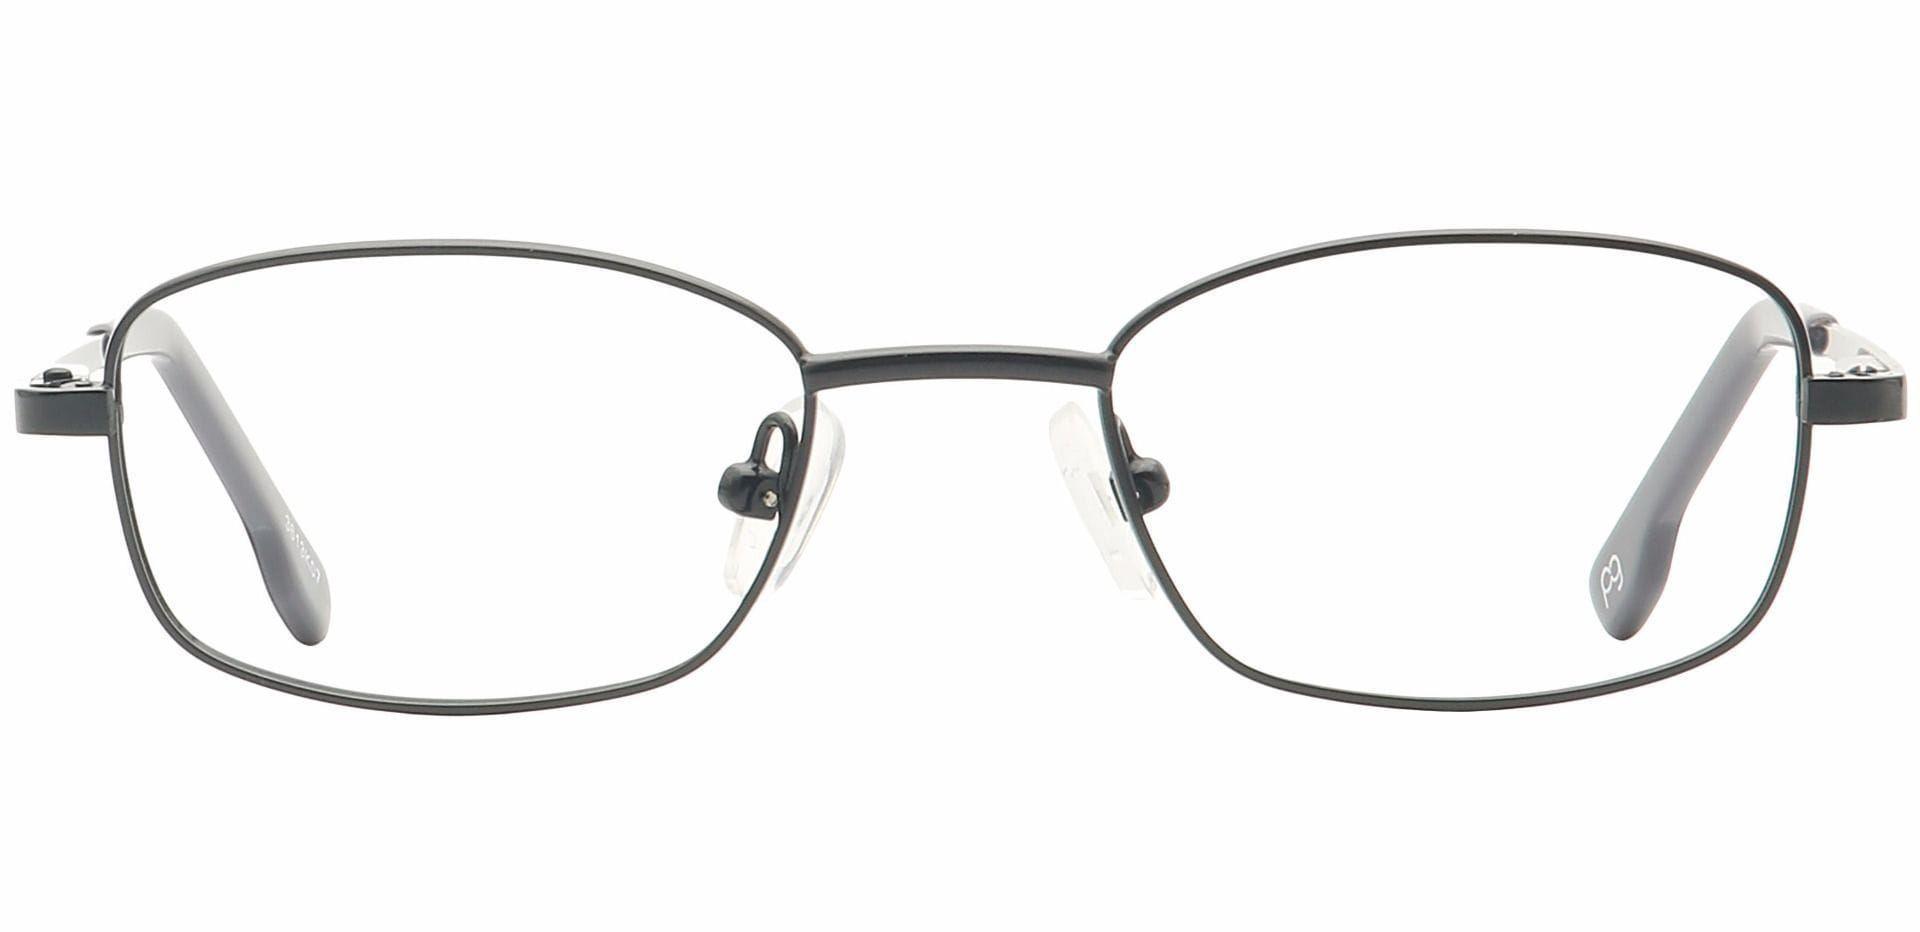 Gil Rectangle Non-Rx Glasses - Black